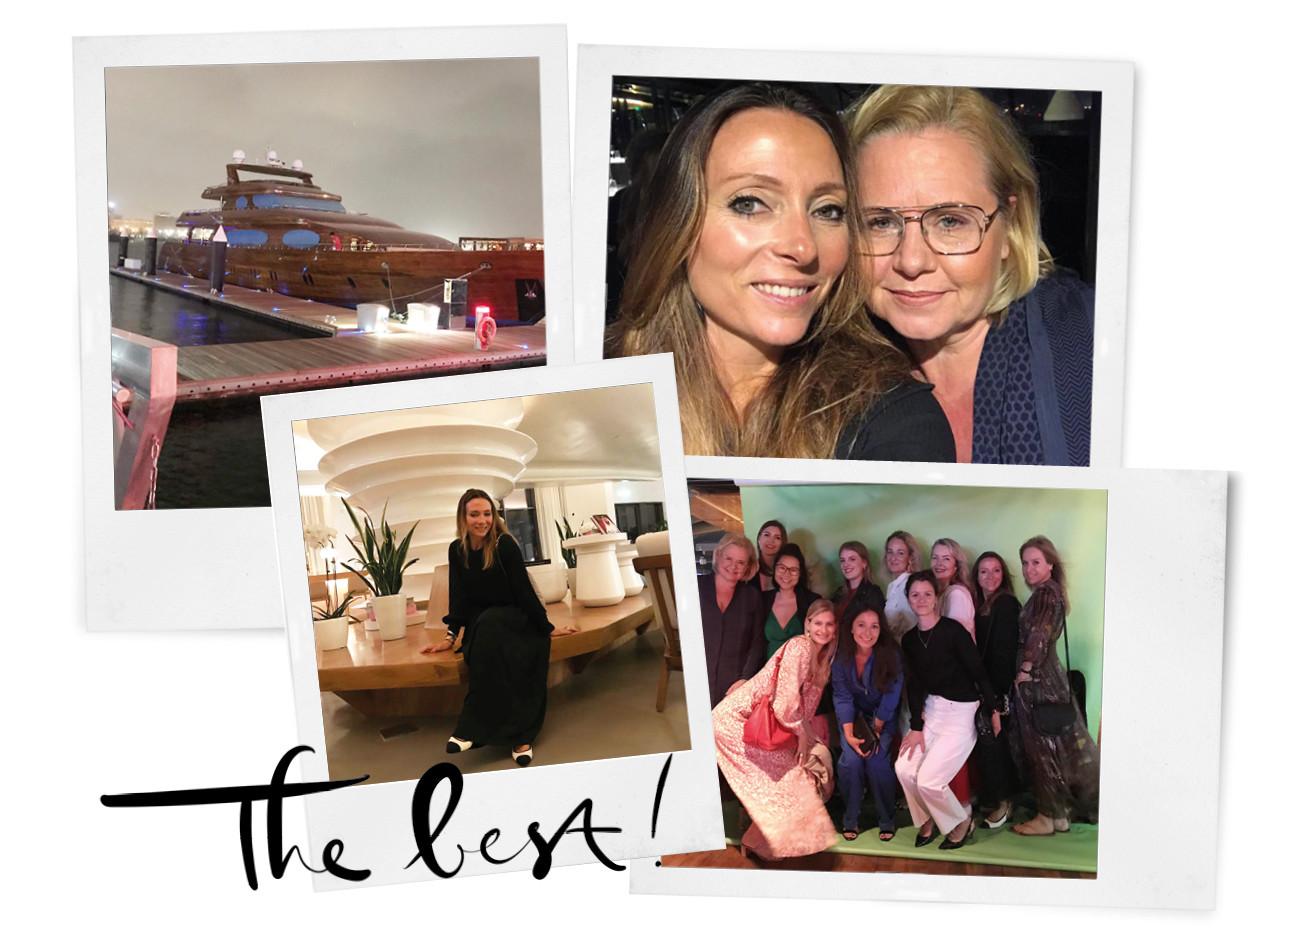 May in Dubai met de coty reis in dubai en mode collega's uit de tijdschriften wereld